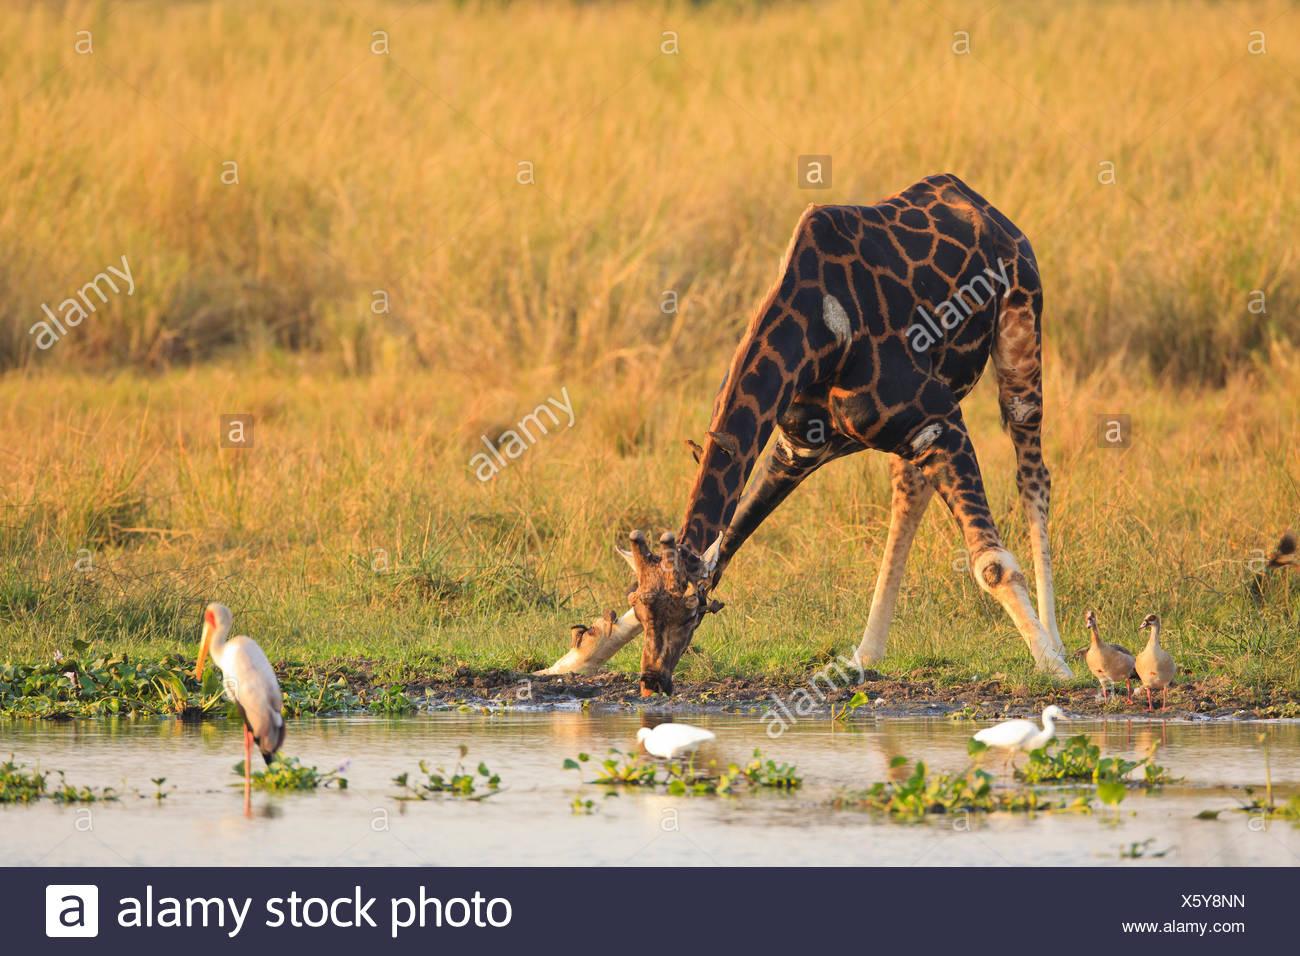 Une girafe Rothschild Giraffa camelopardalis rothschildi, entouré par l'eau potable, les oiseaux. Photo Stock